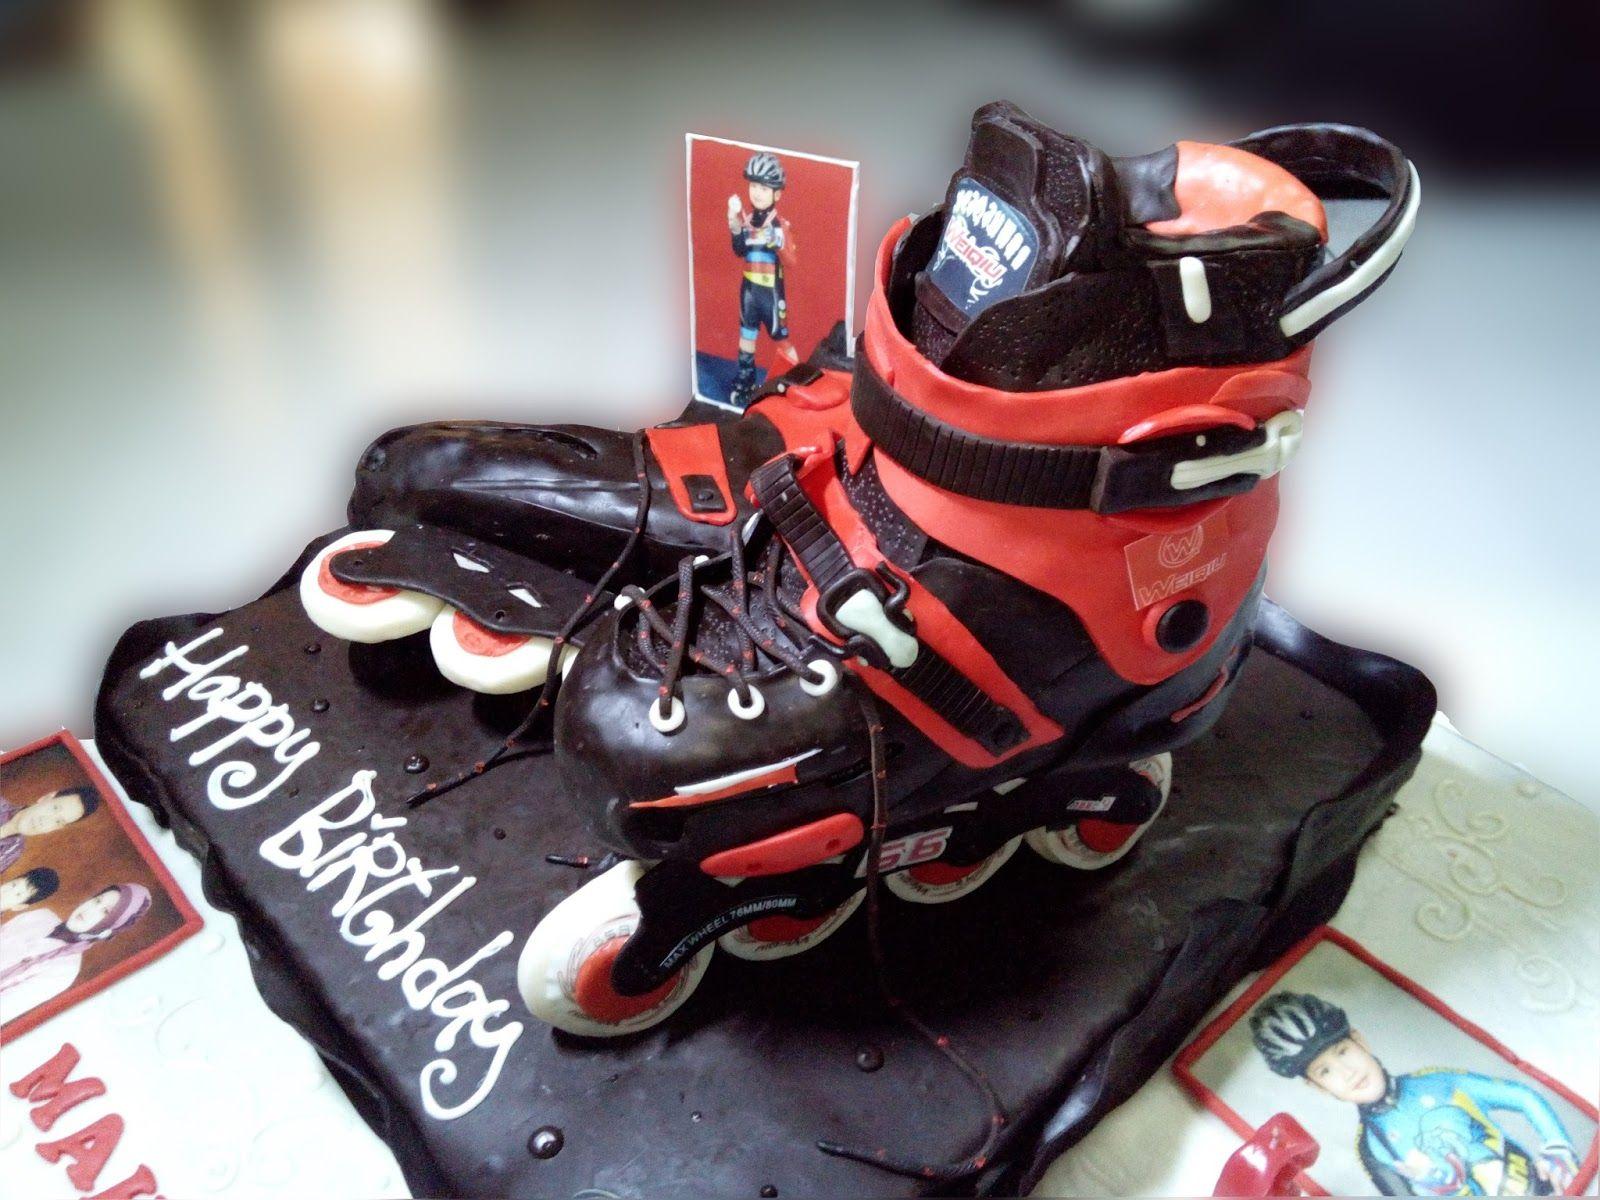 Toko Coklat Coklat Kue Ulang Tahun Cake Cupcake Tart Kue Ulang Tahun Inline Skate Ulang Tahun